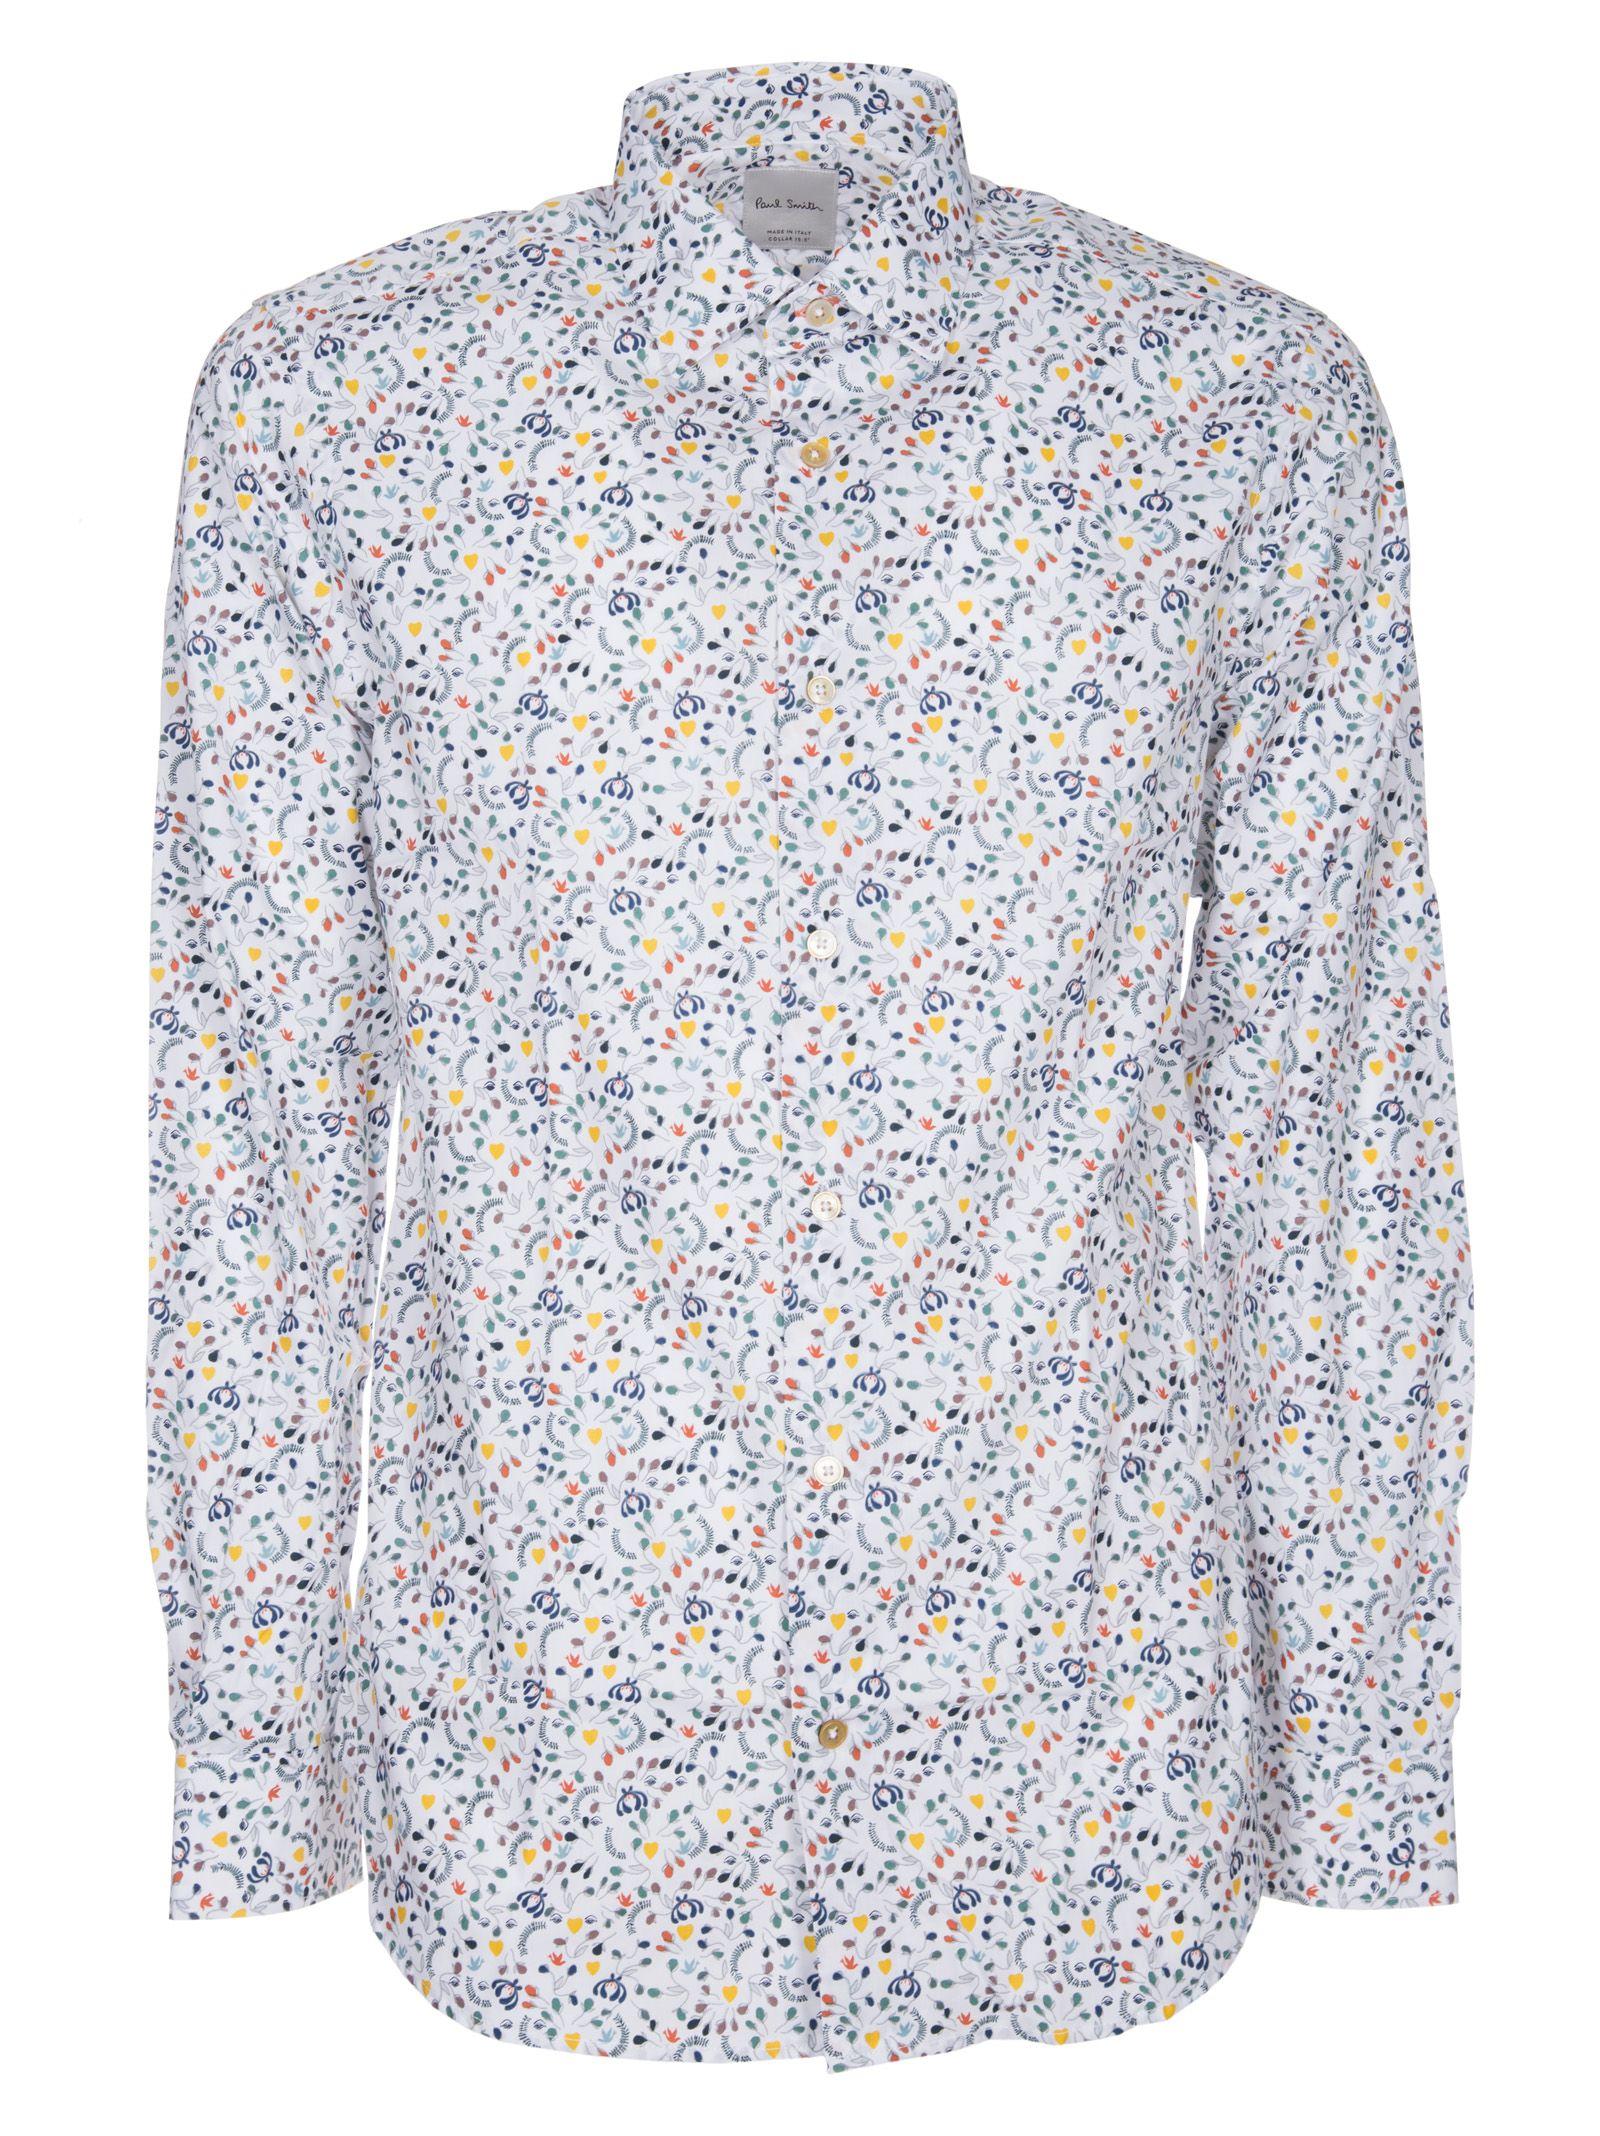 Paul Smith Floral Heart Shirt